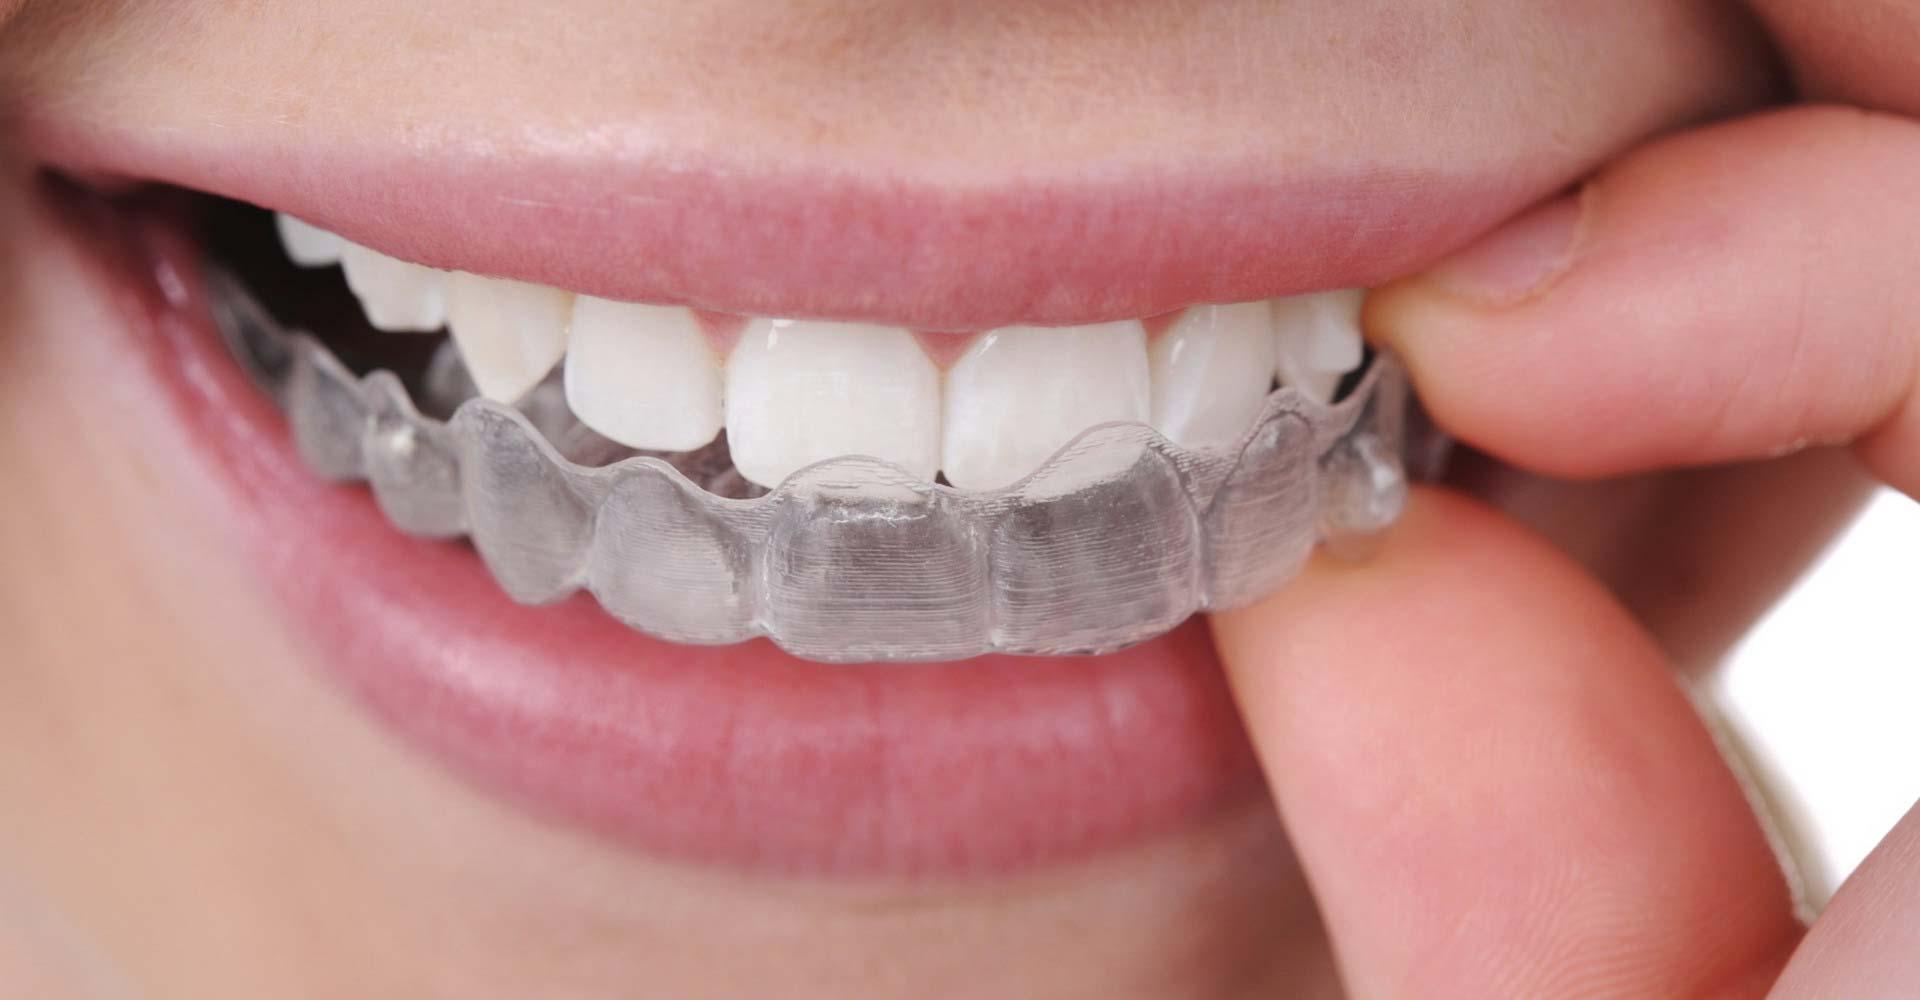 Odontoiatra Ferrara Dentista Ferrara Studio Odontoiatrico Dott. Nicola Mobilio Prestazioni - Ortodonzia invisibile